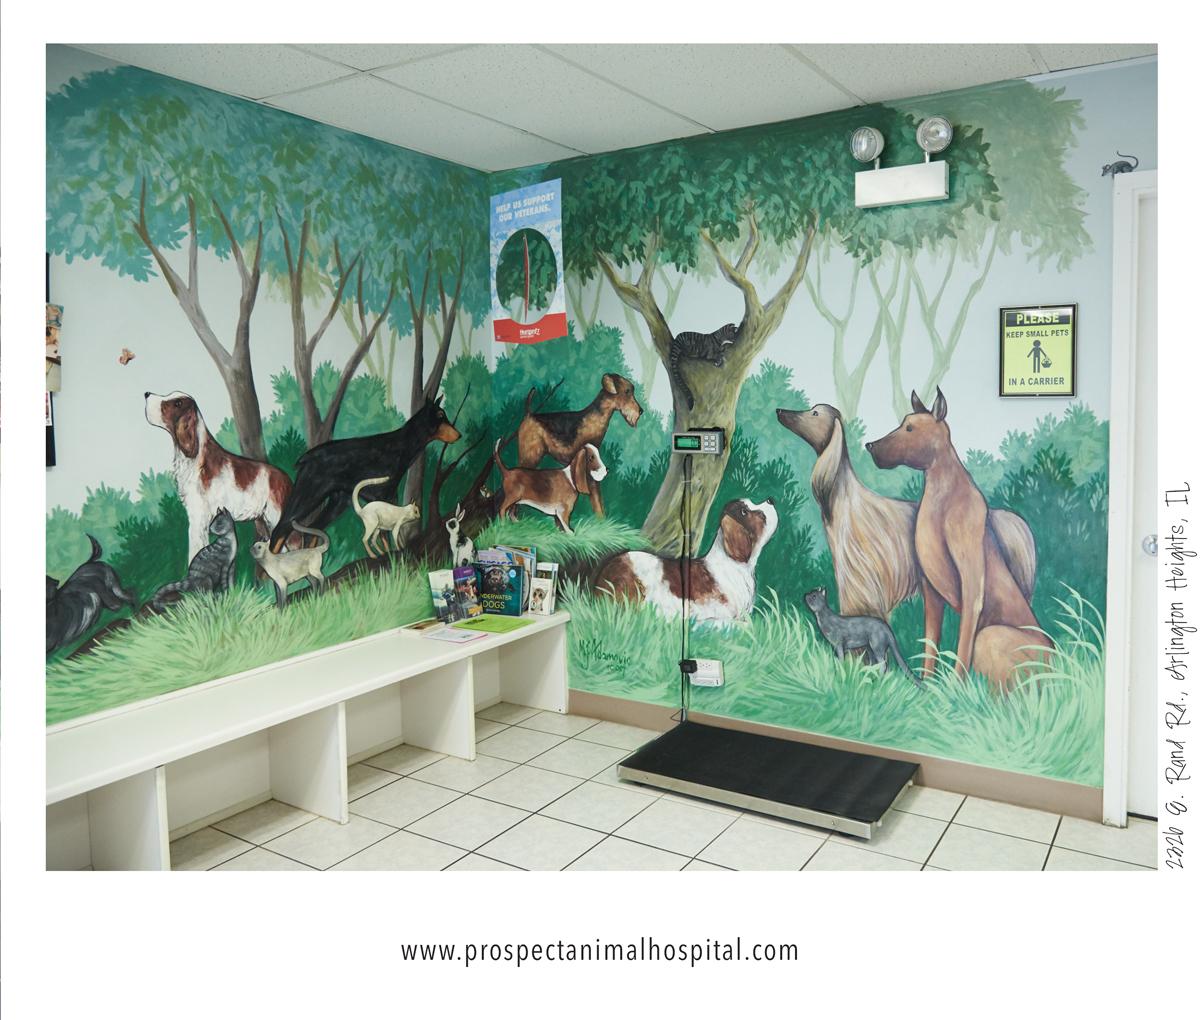 www.ProspectAnimalHospital.com